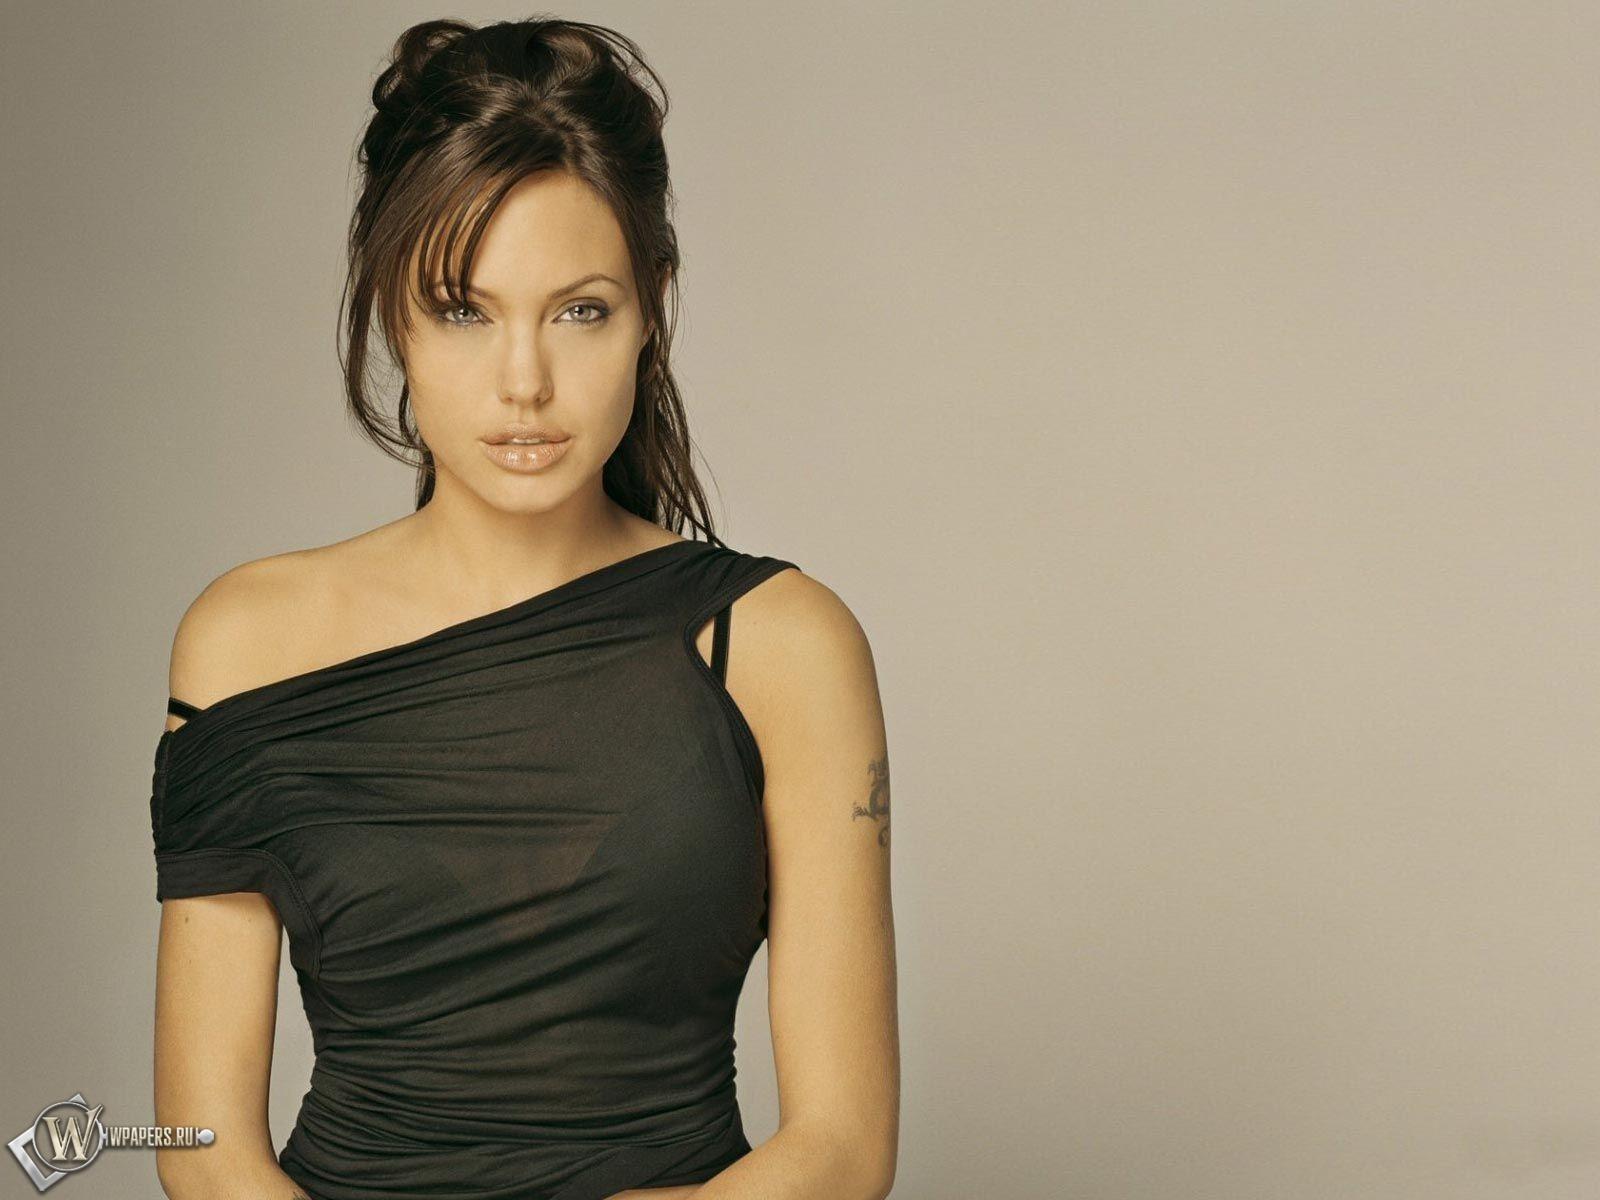 Анжелина Джоли в платье 1600x1200